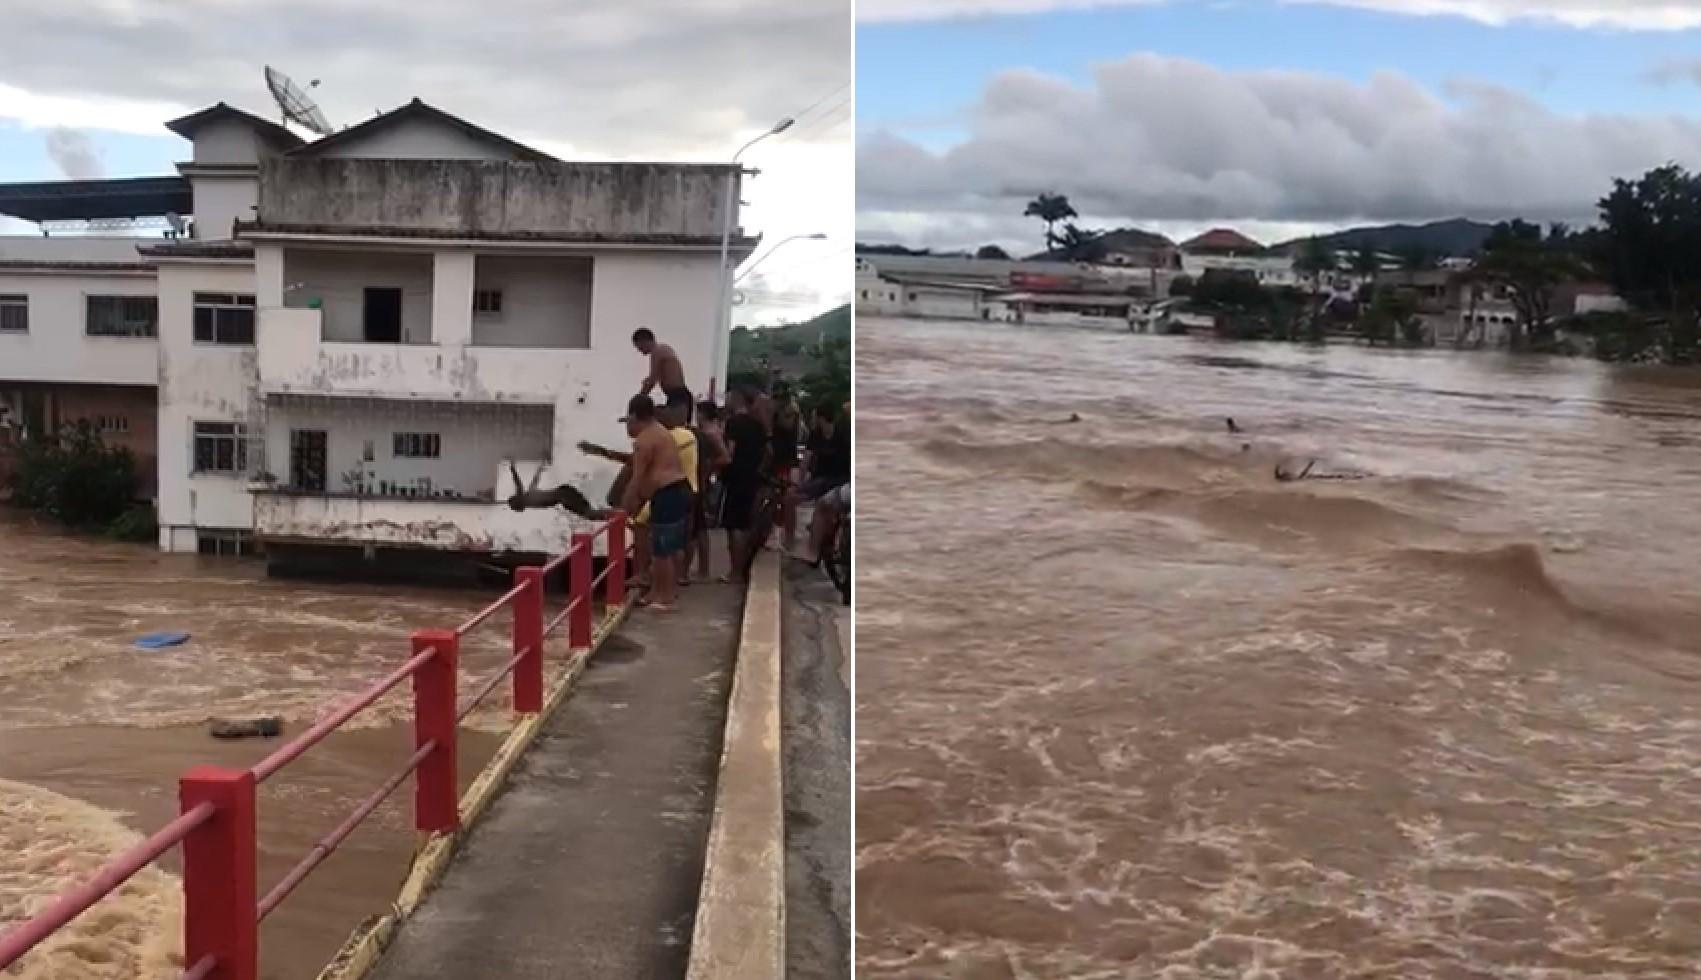 Vídeo mostra jovens desafiando cheia do rio Muriaé, em Itaperuna; um deles é levado pela correnteza